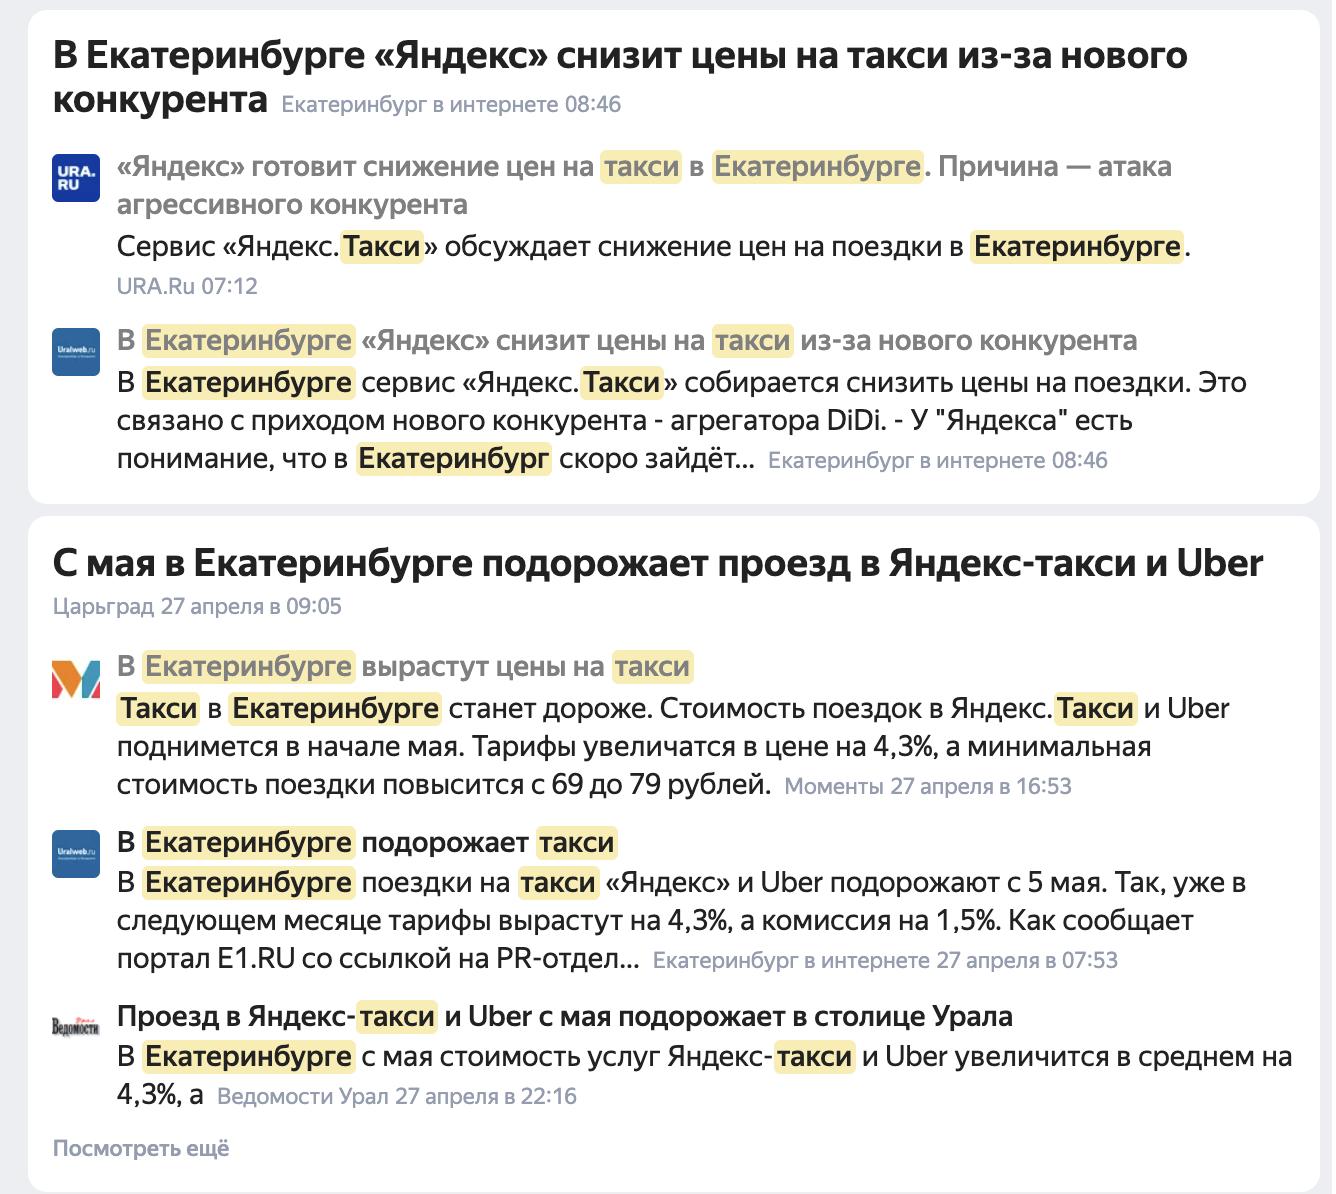 В Екатеринбурге Яндекс одновременно повысит и понизит цены на такси из-за Didi и подорожавшего бензина - 1